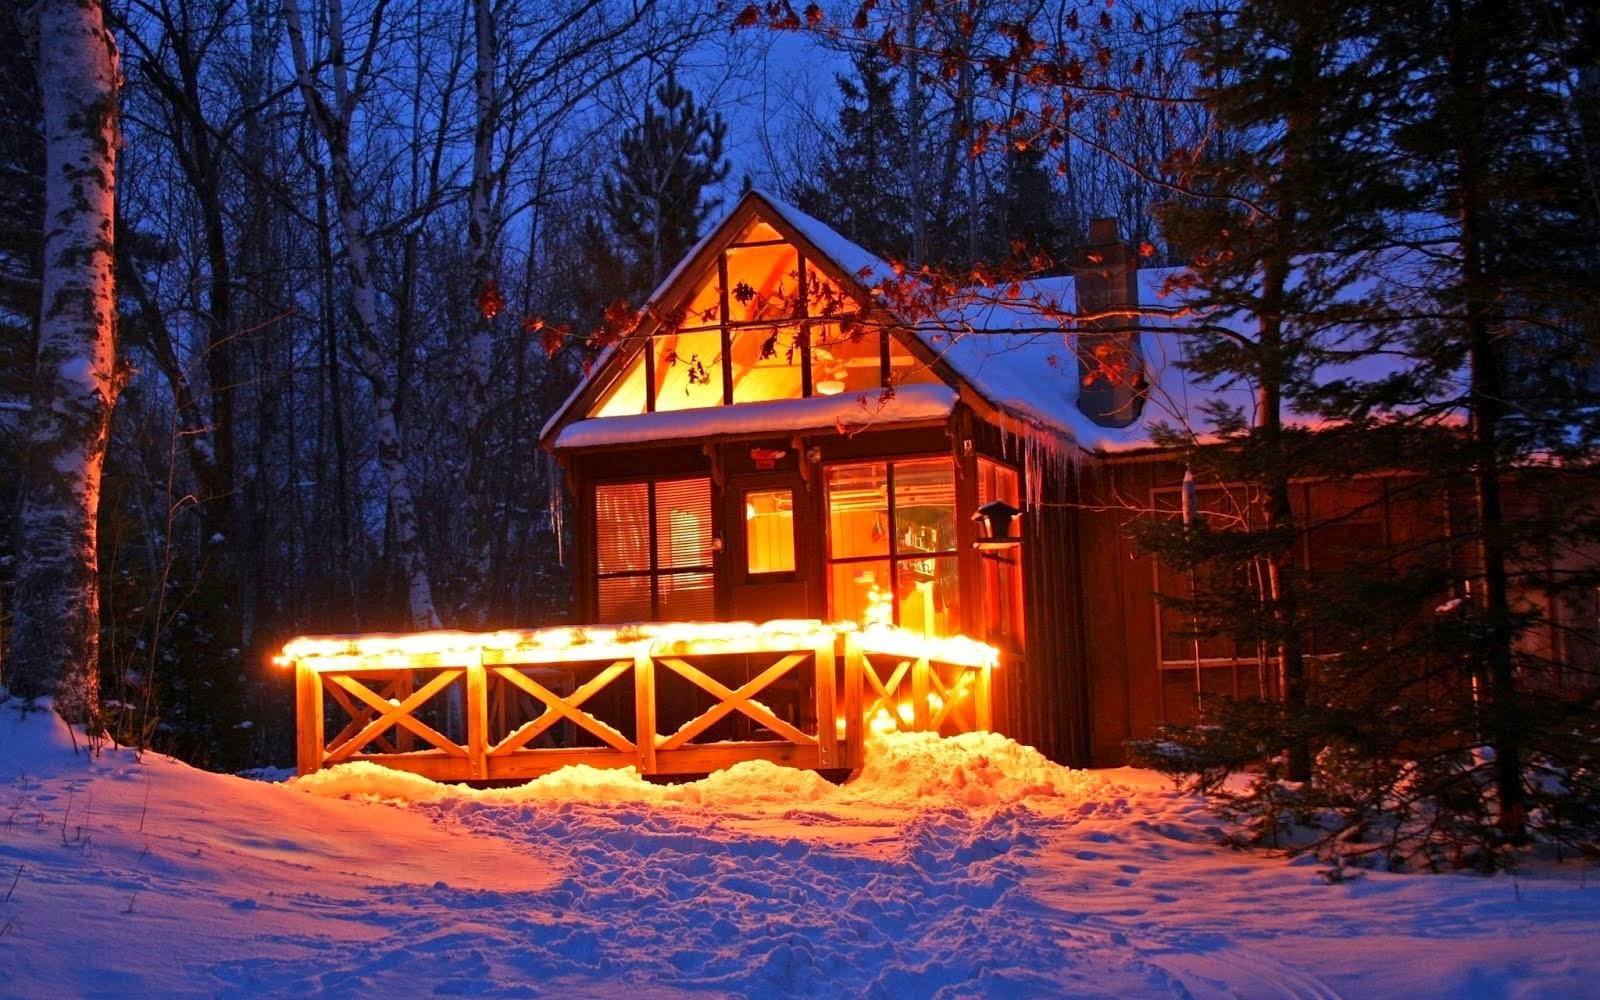 Cabana wallpaper cabana del bosque en noche de invierno fondos de pantalla de invierno best - Cabana invierno ...